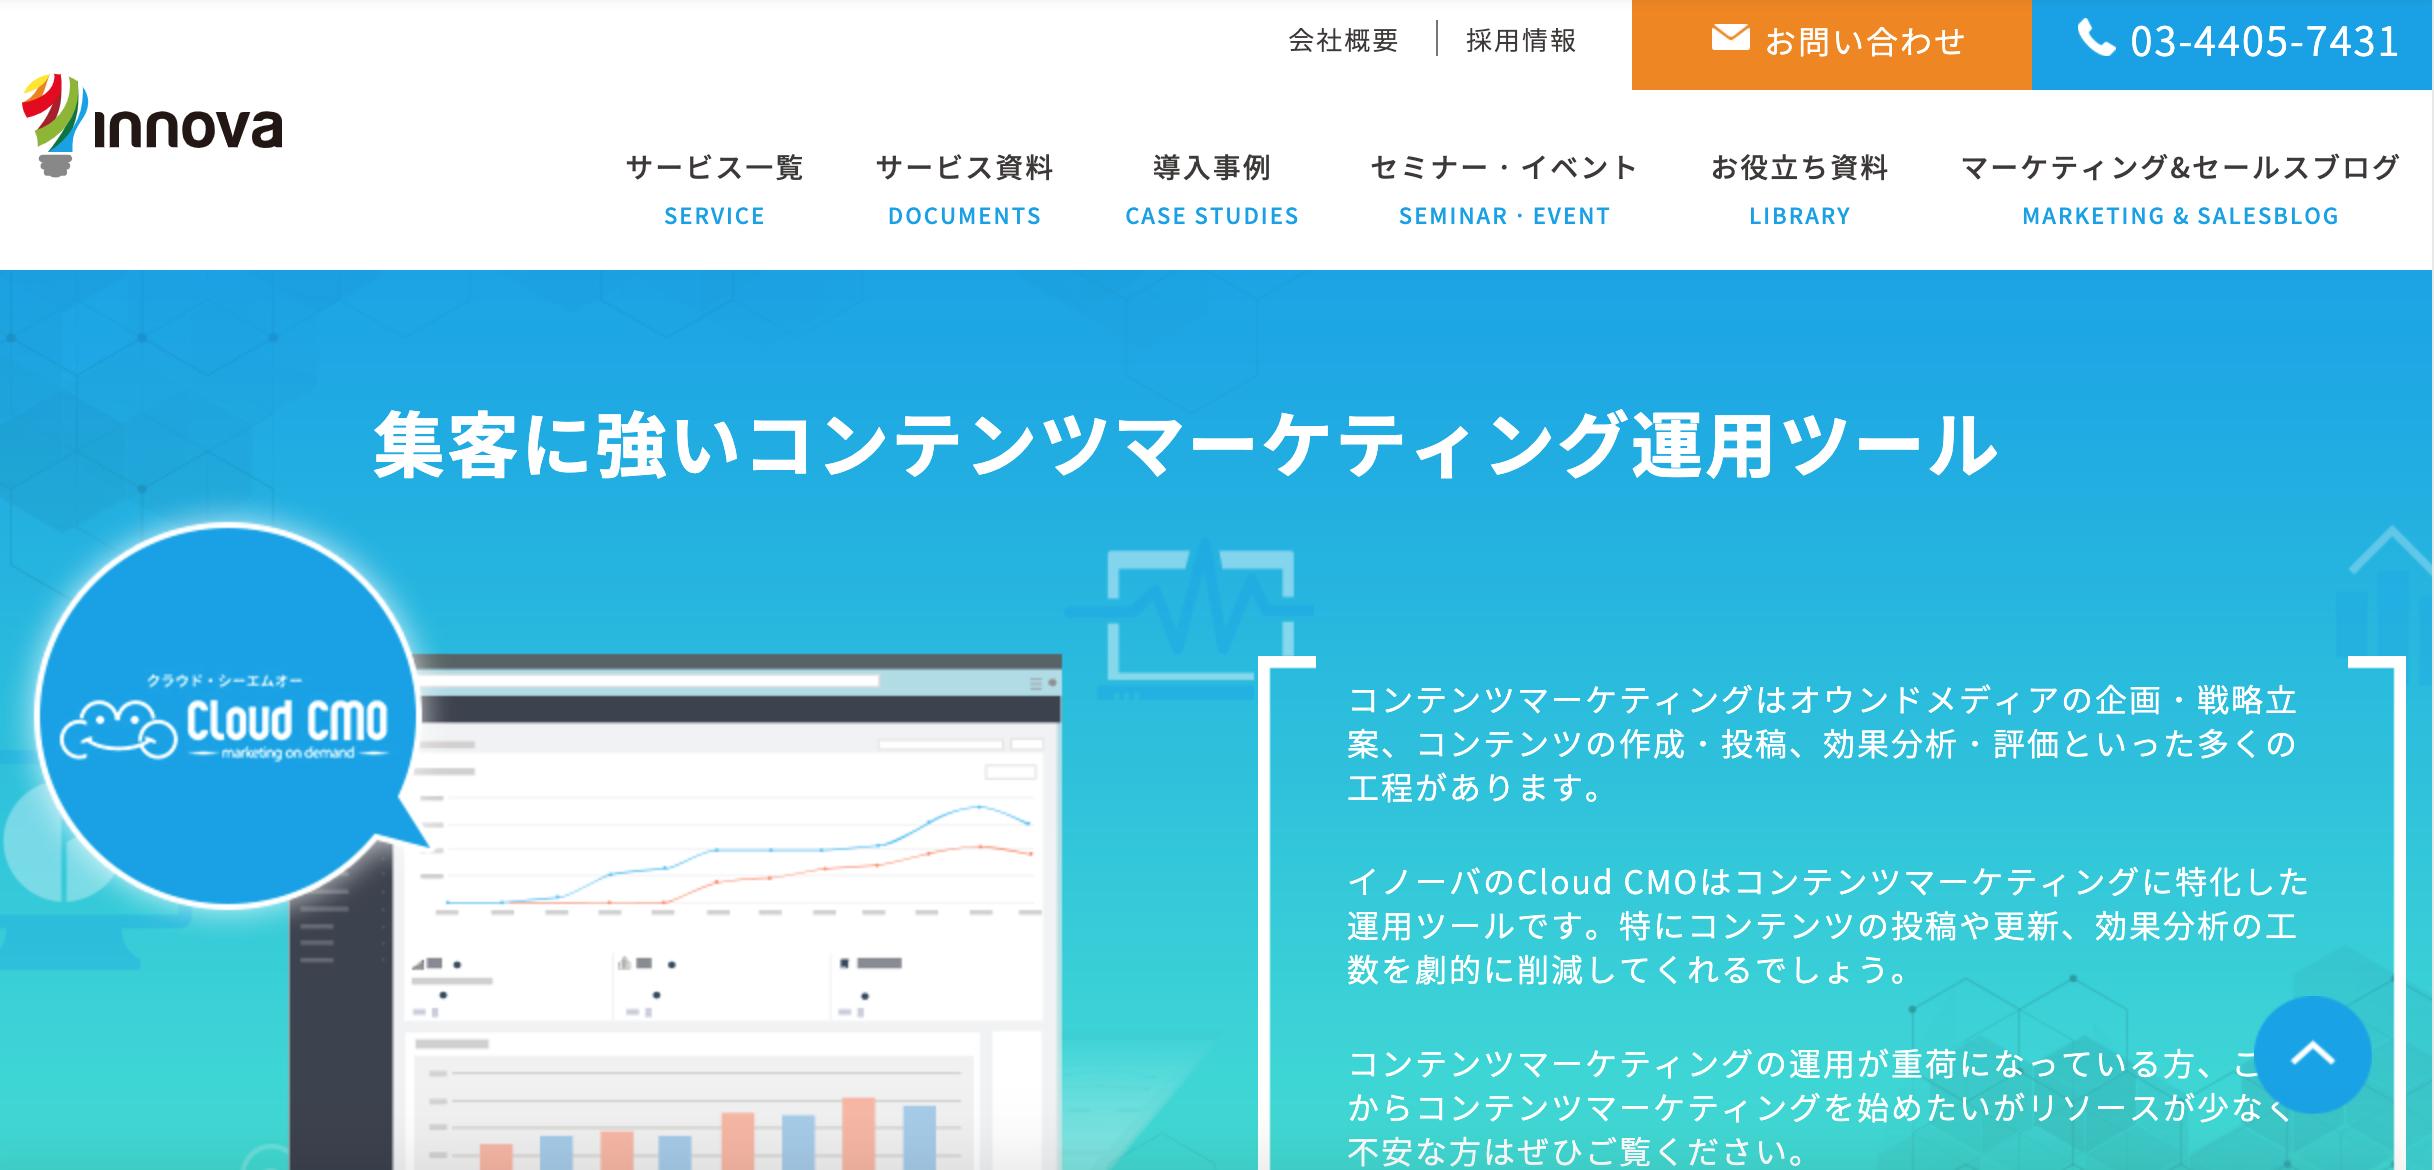 Cloud CMO